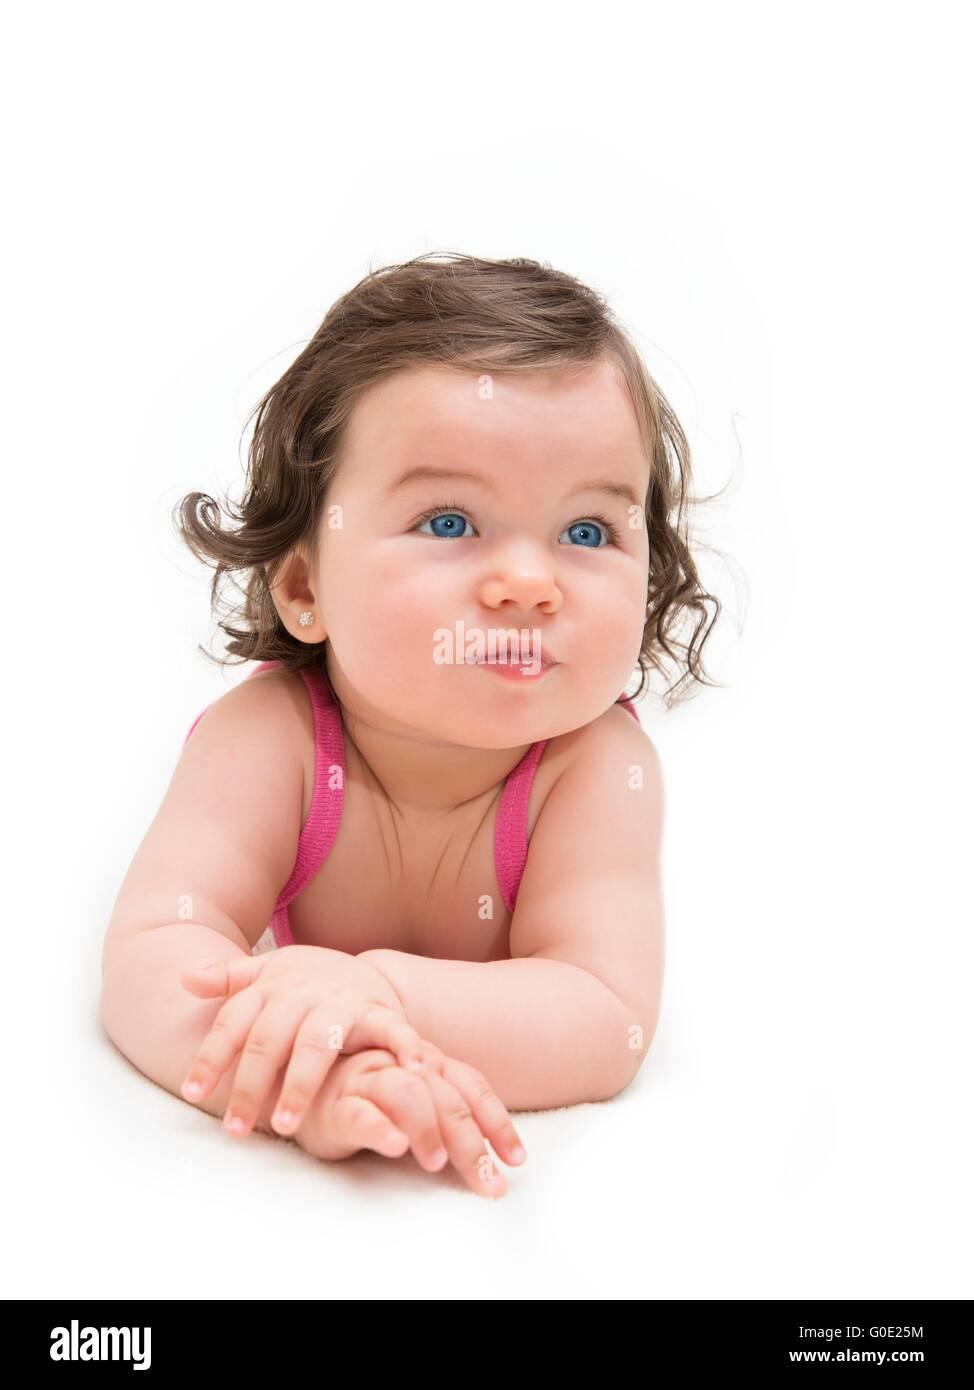 Beautiful baby girl - Stock Image